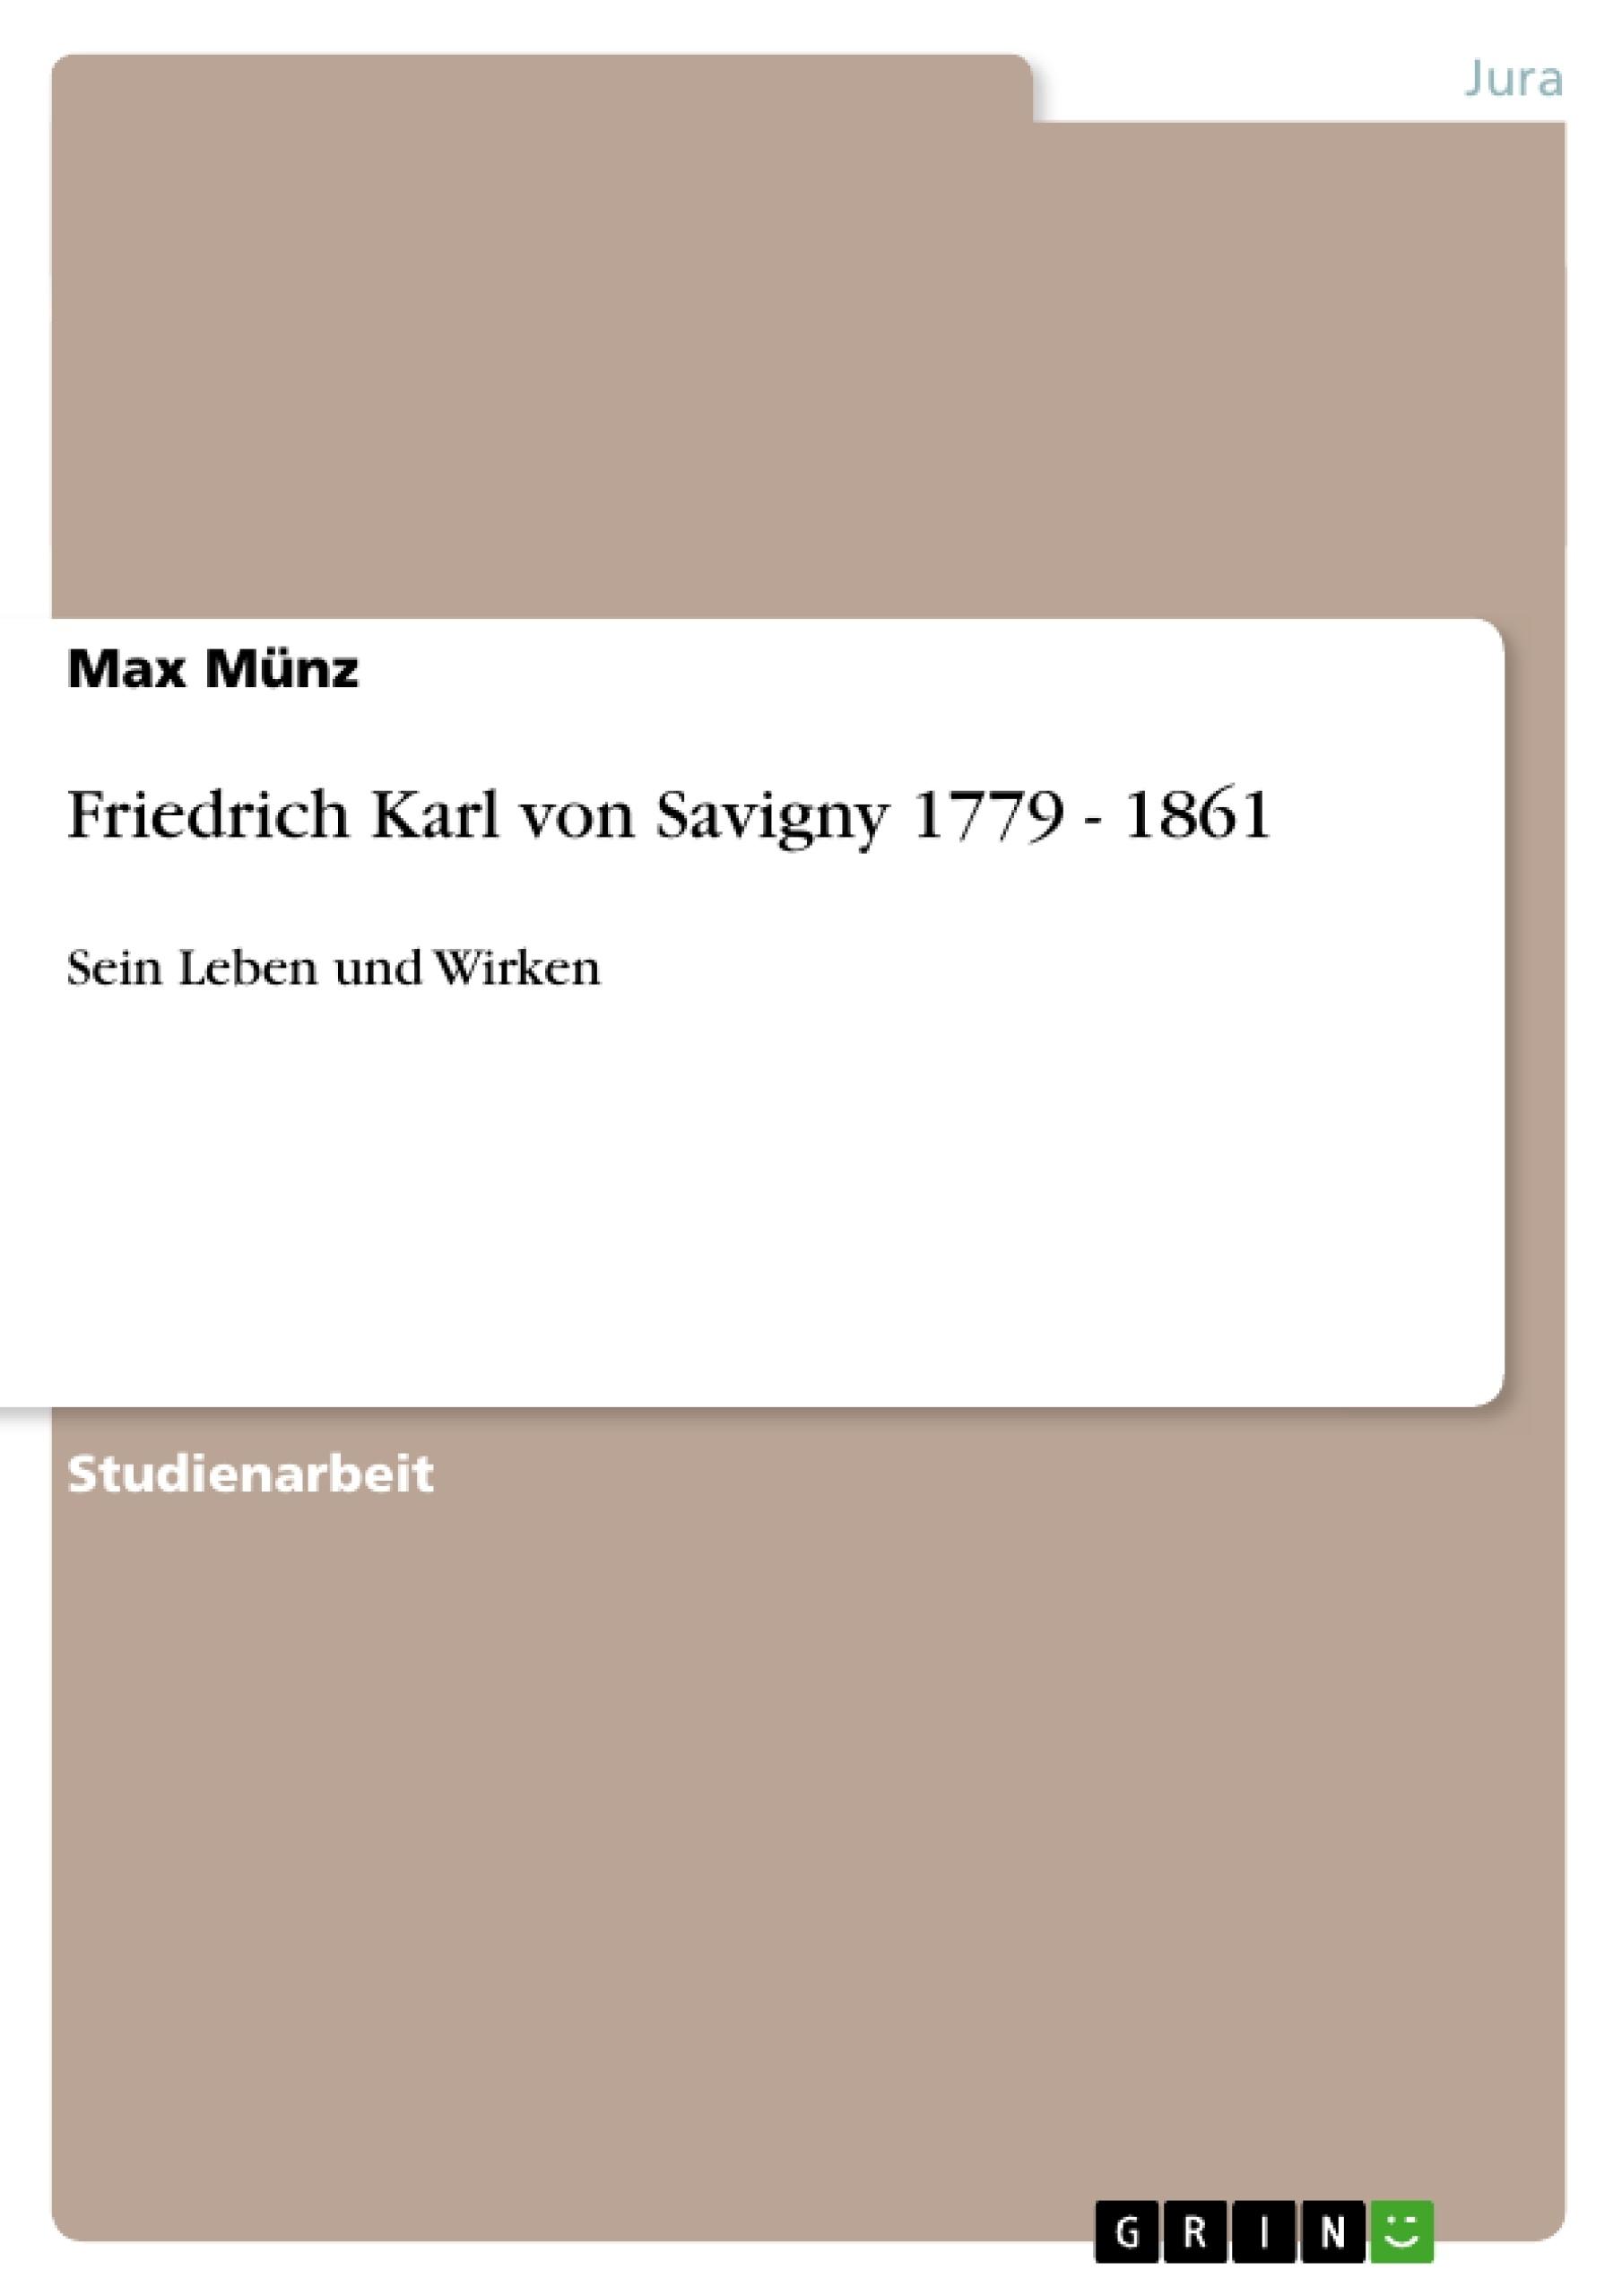 Titel: Friedrich Karl von Savigny 1779 - 1861